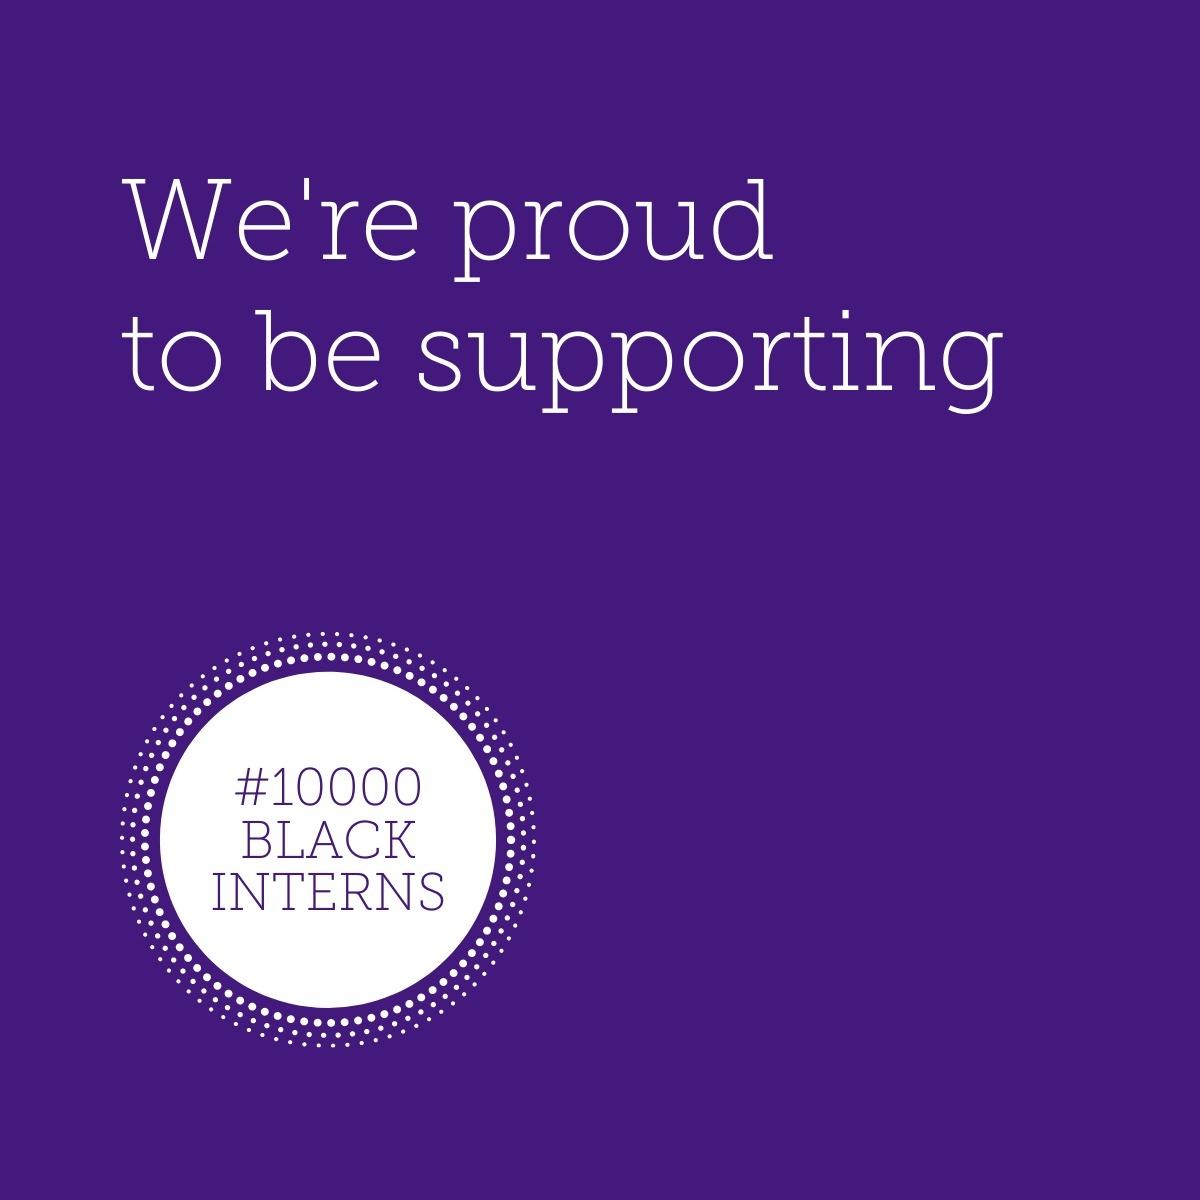 We support 10000 Black Interns